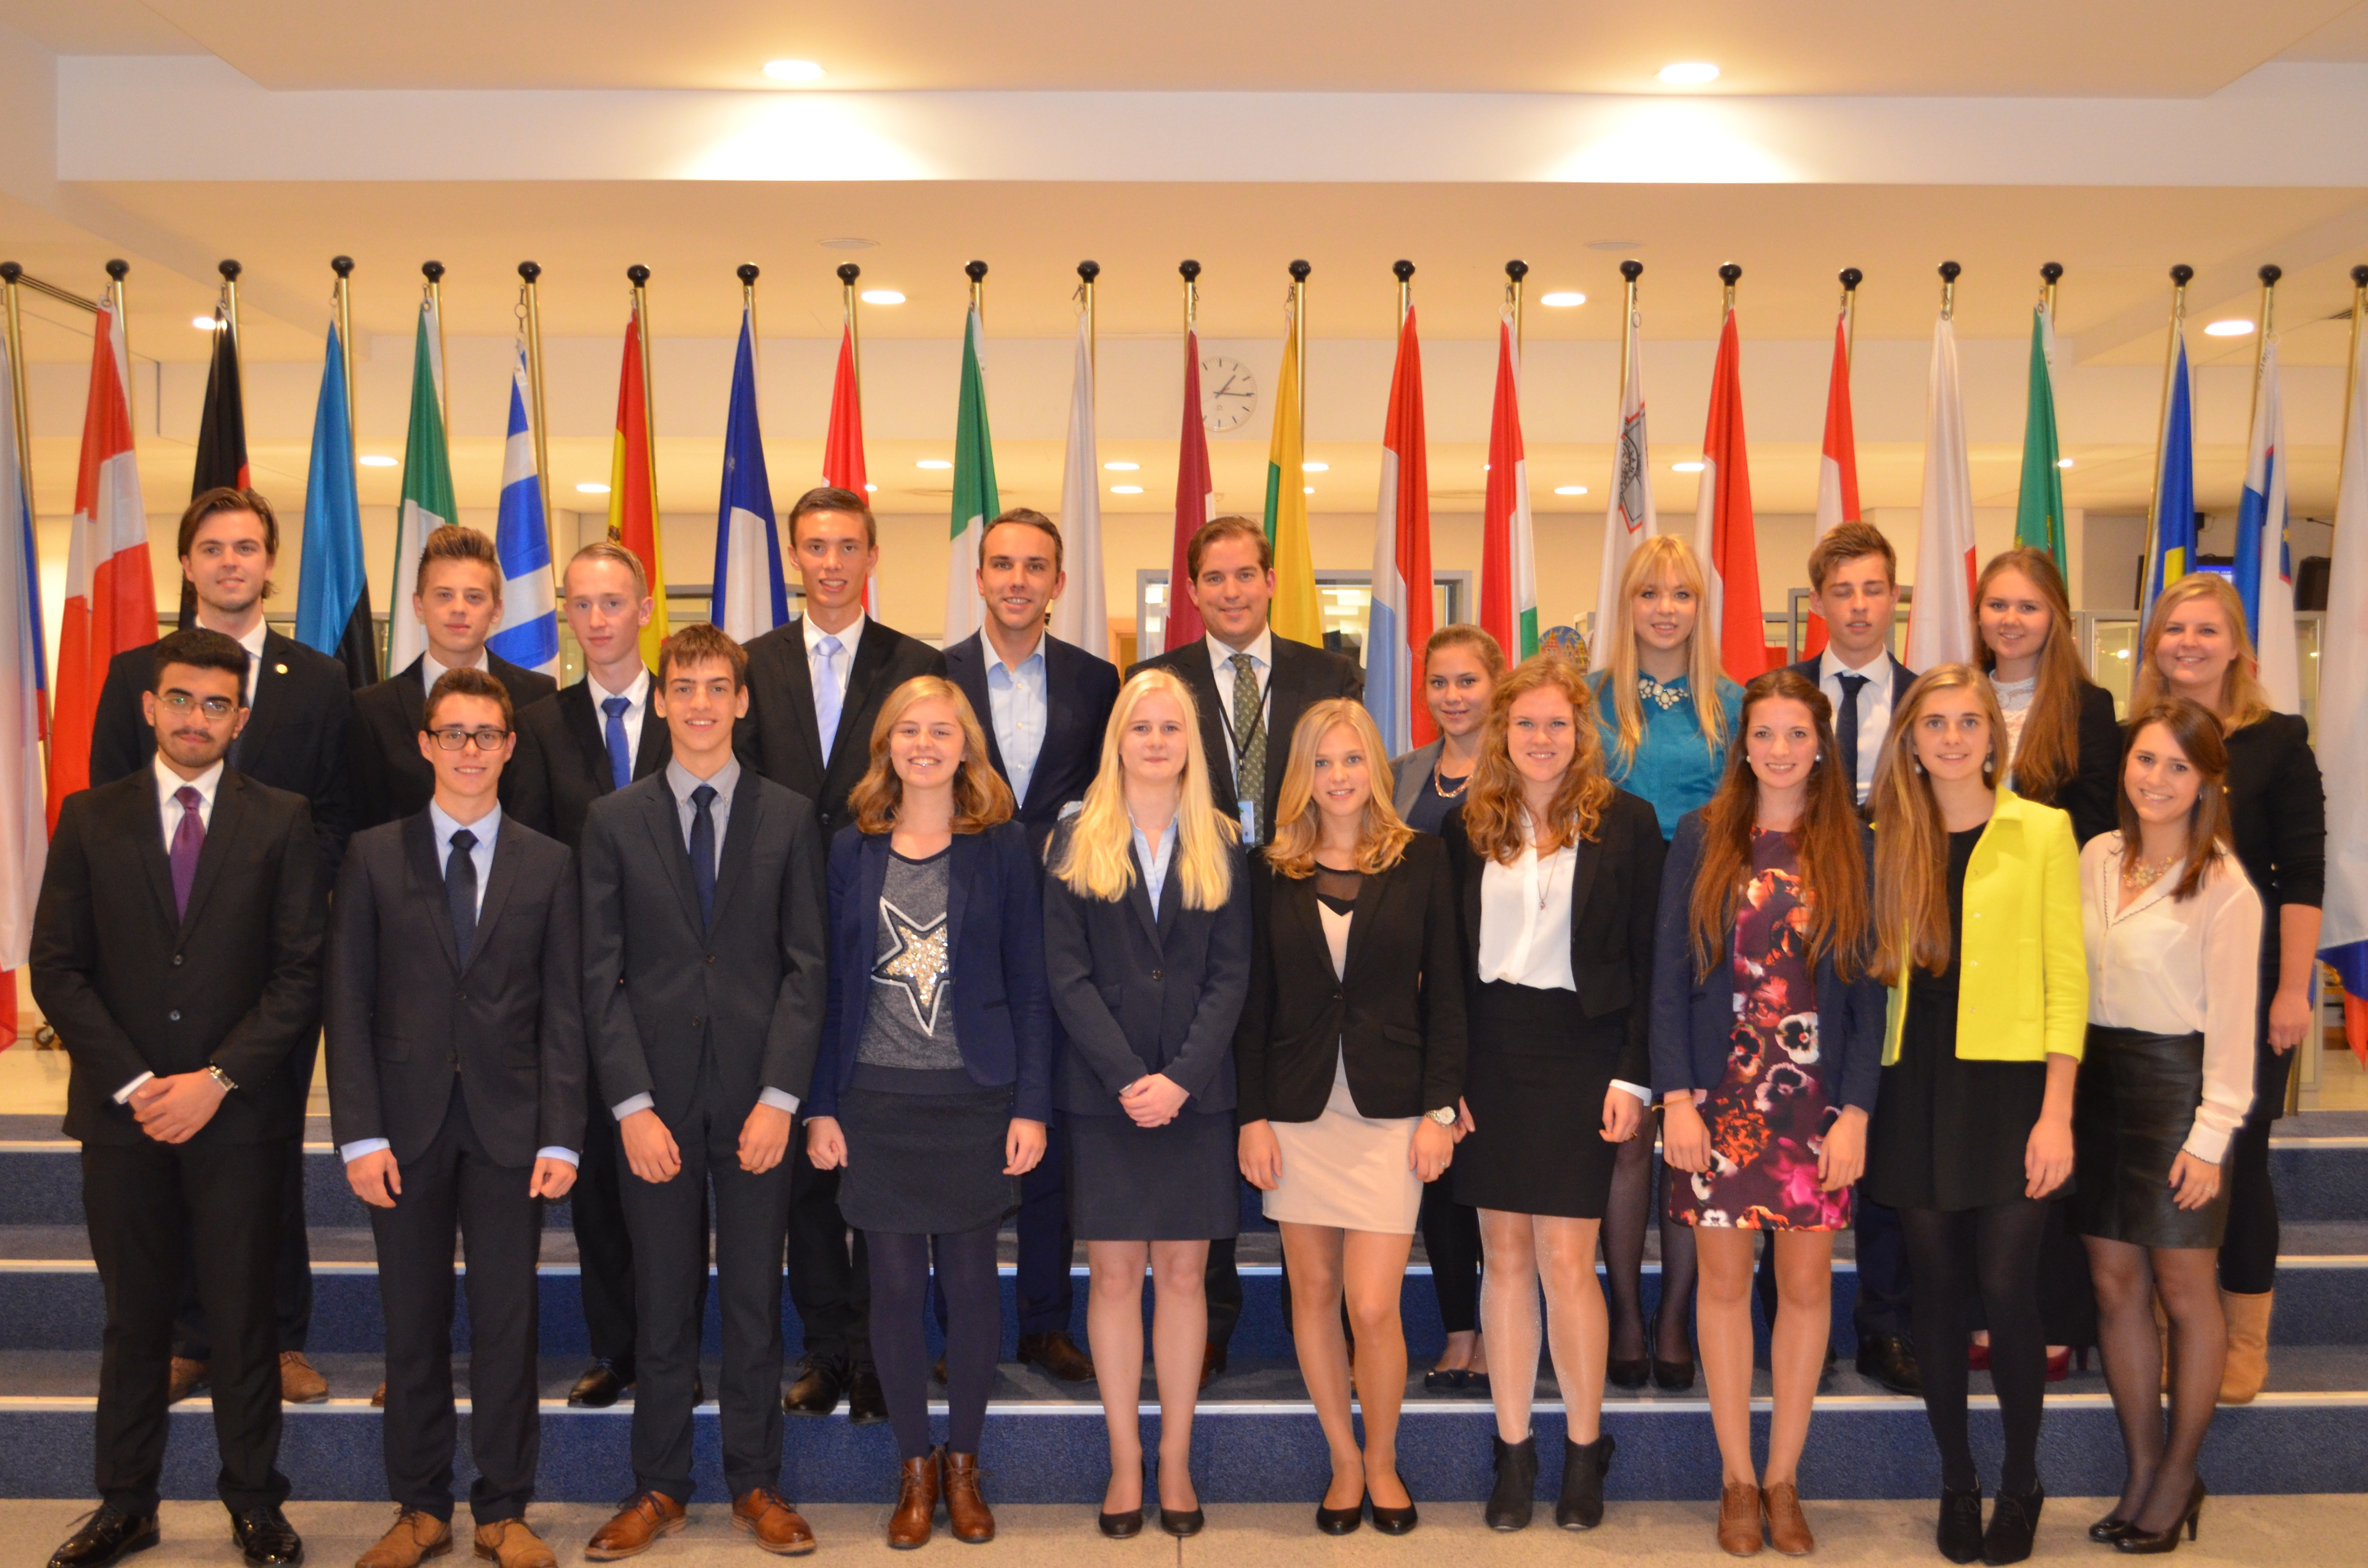 Geslaagd bezoek aan Europees Parlement Brussel